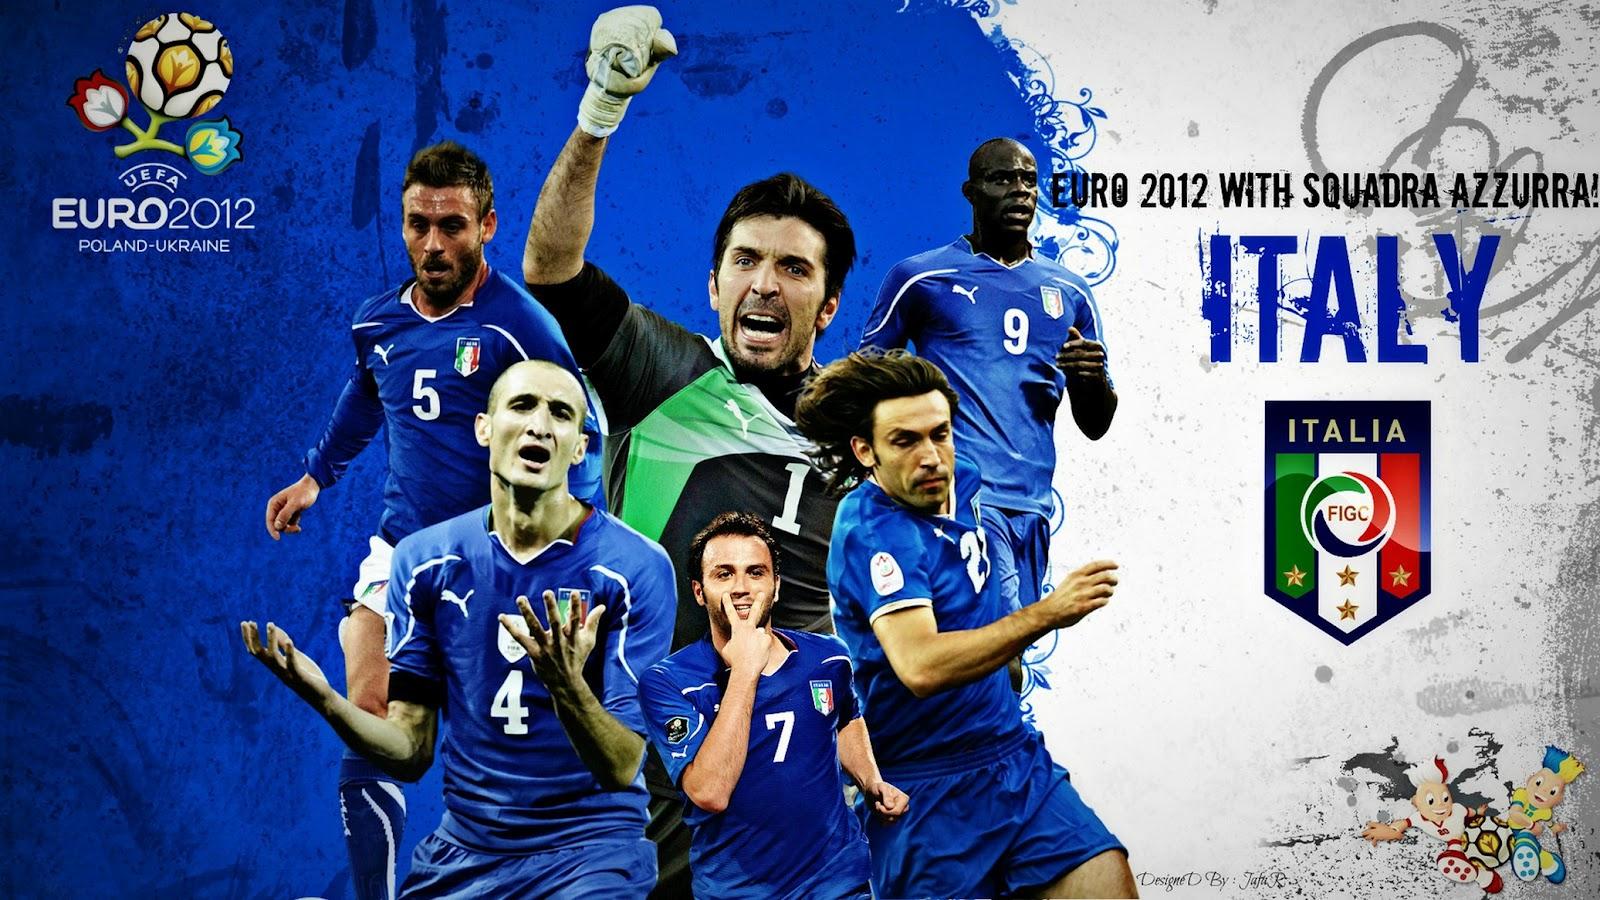 http://4.bp.blogspot.com/-LLHNygRwd0c/T-eR5AaX5bI/AAAAAAAAFAA/dQnHym8r6Hc/s1600/Euro+2012+Wallpaper+ITALY+SQUAD+-+Buffon%252C+Bollateli%252C+Pirlo%252C+Ignazio+Abate%252C+Angelo+Ogbonna%252C+Thiago+Motta+Wallpapers.jpg